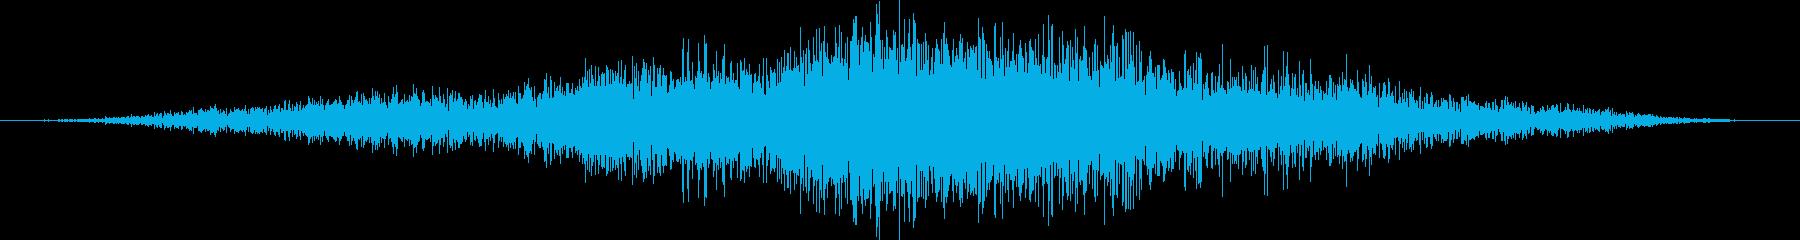 潜水艦:EXT:水中のパス、左から...の再生済みの波形